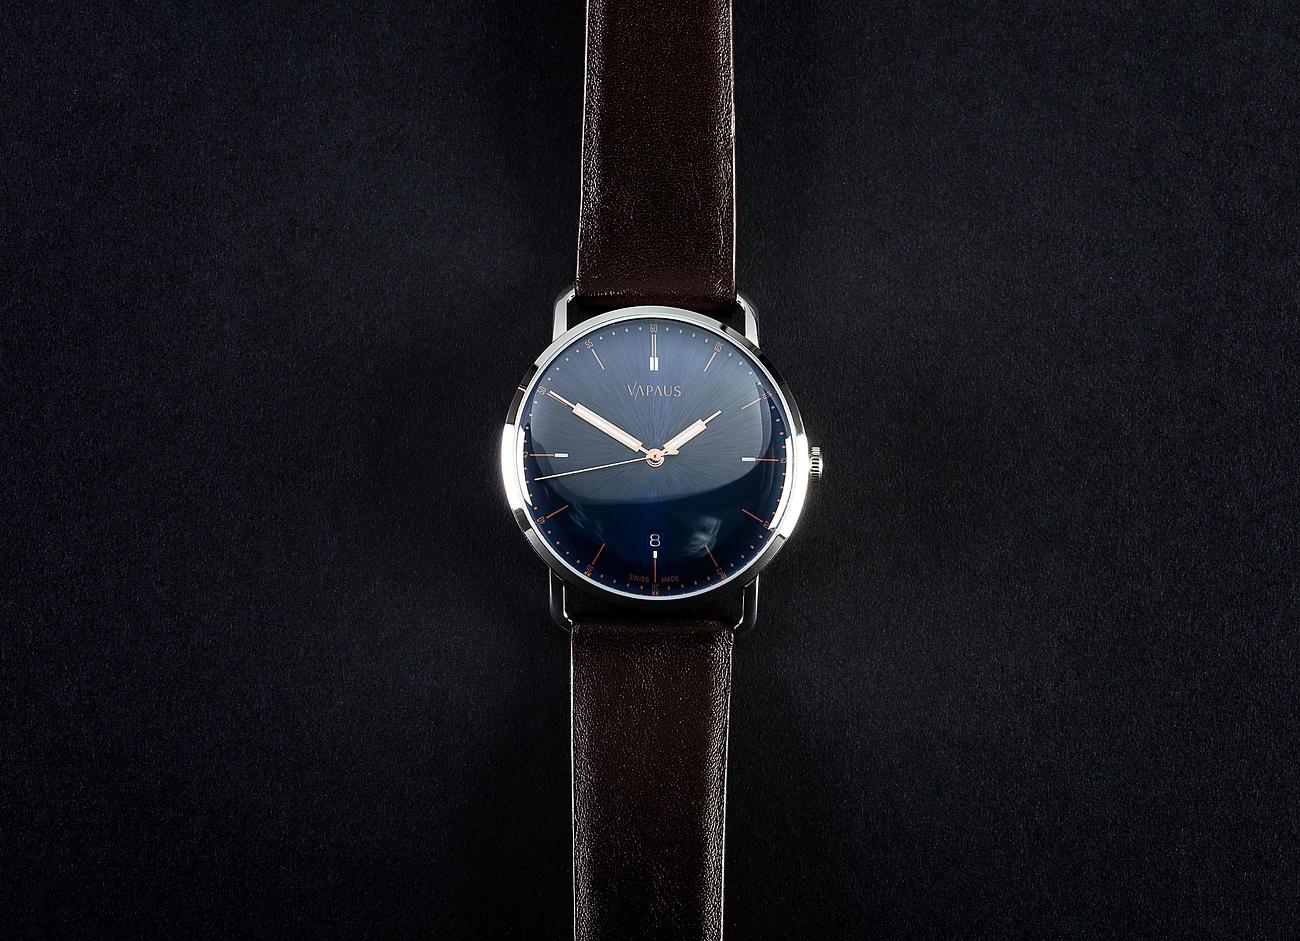 VAPAUS Veli 1950s-Inspired Watch